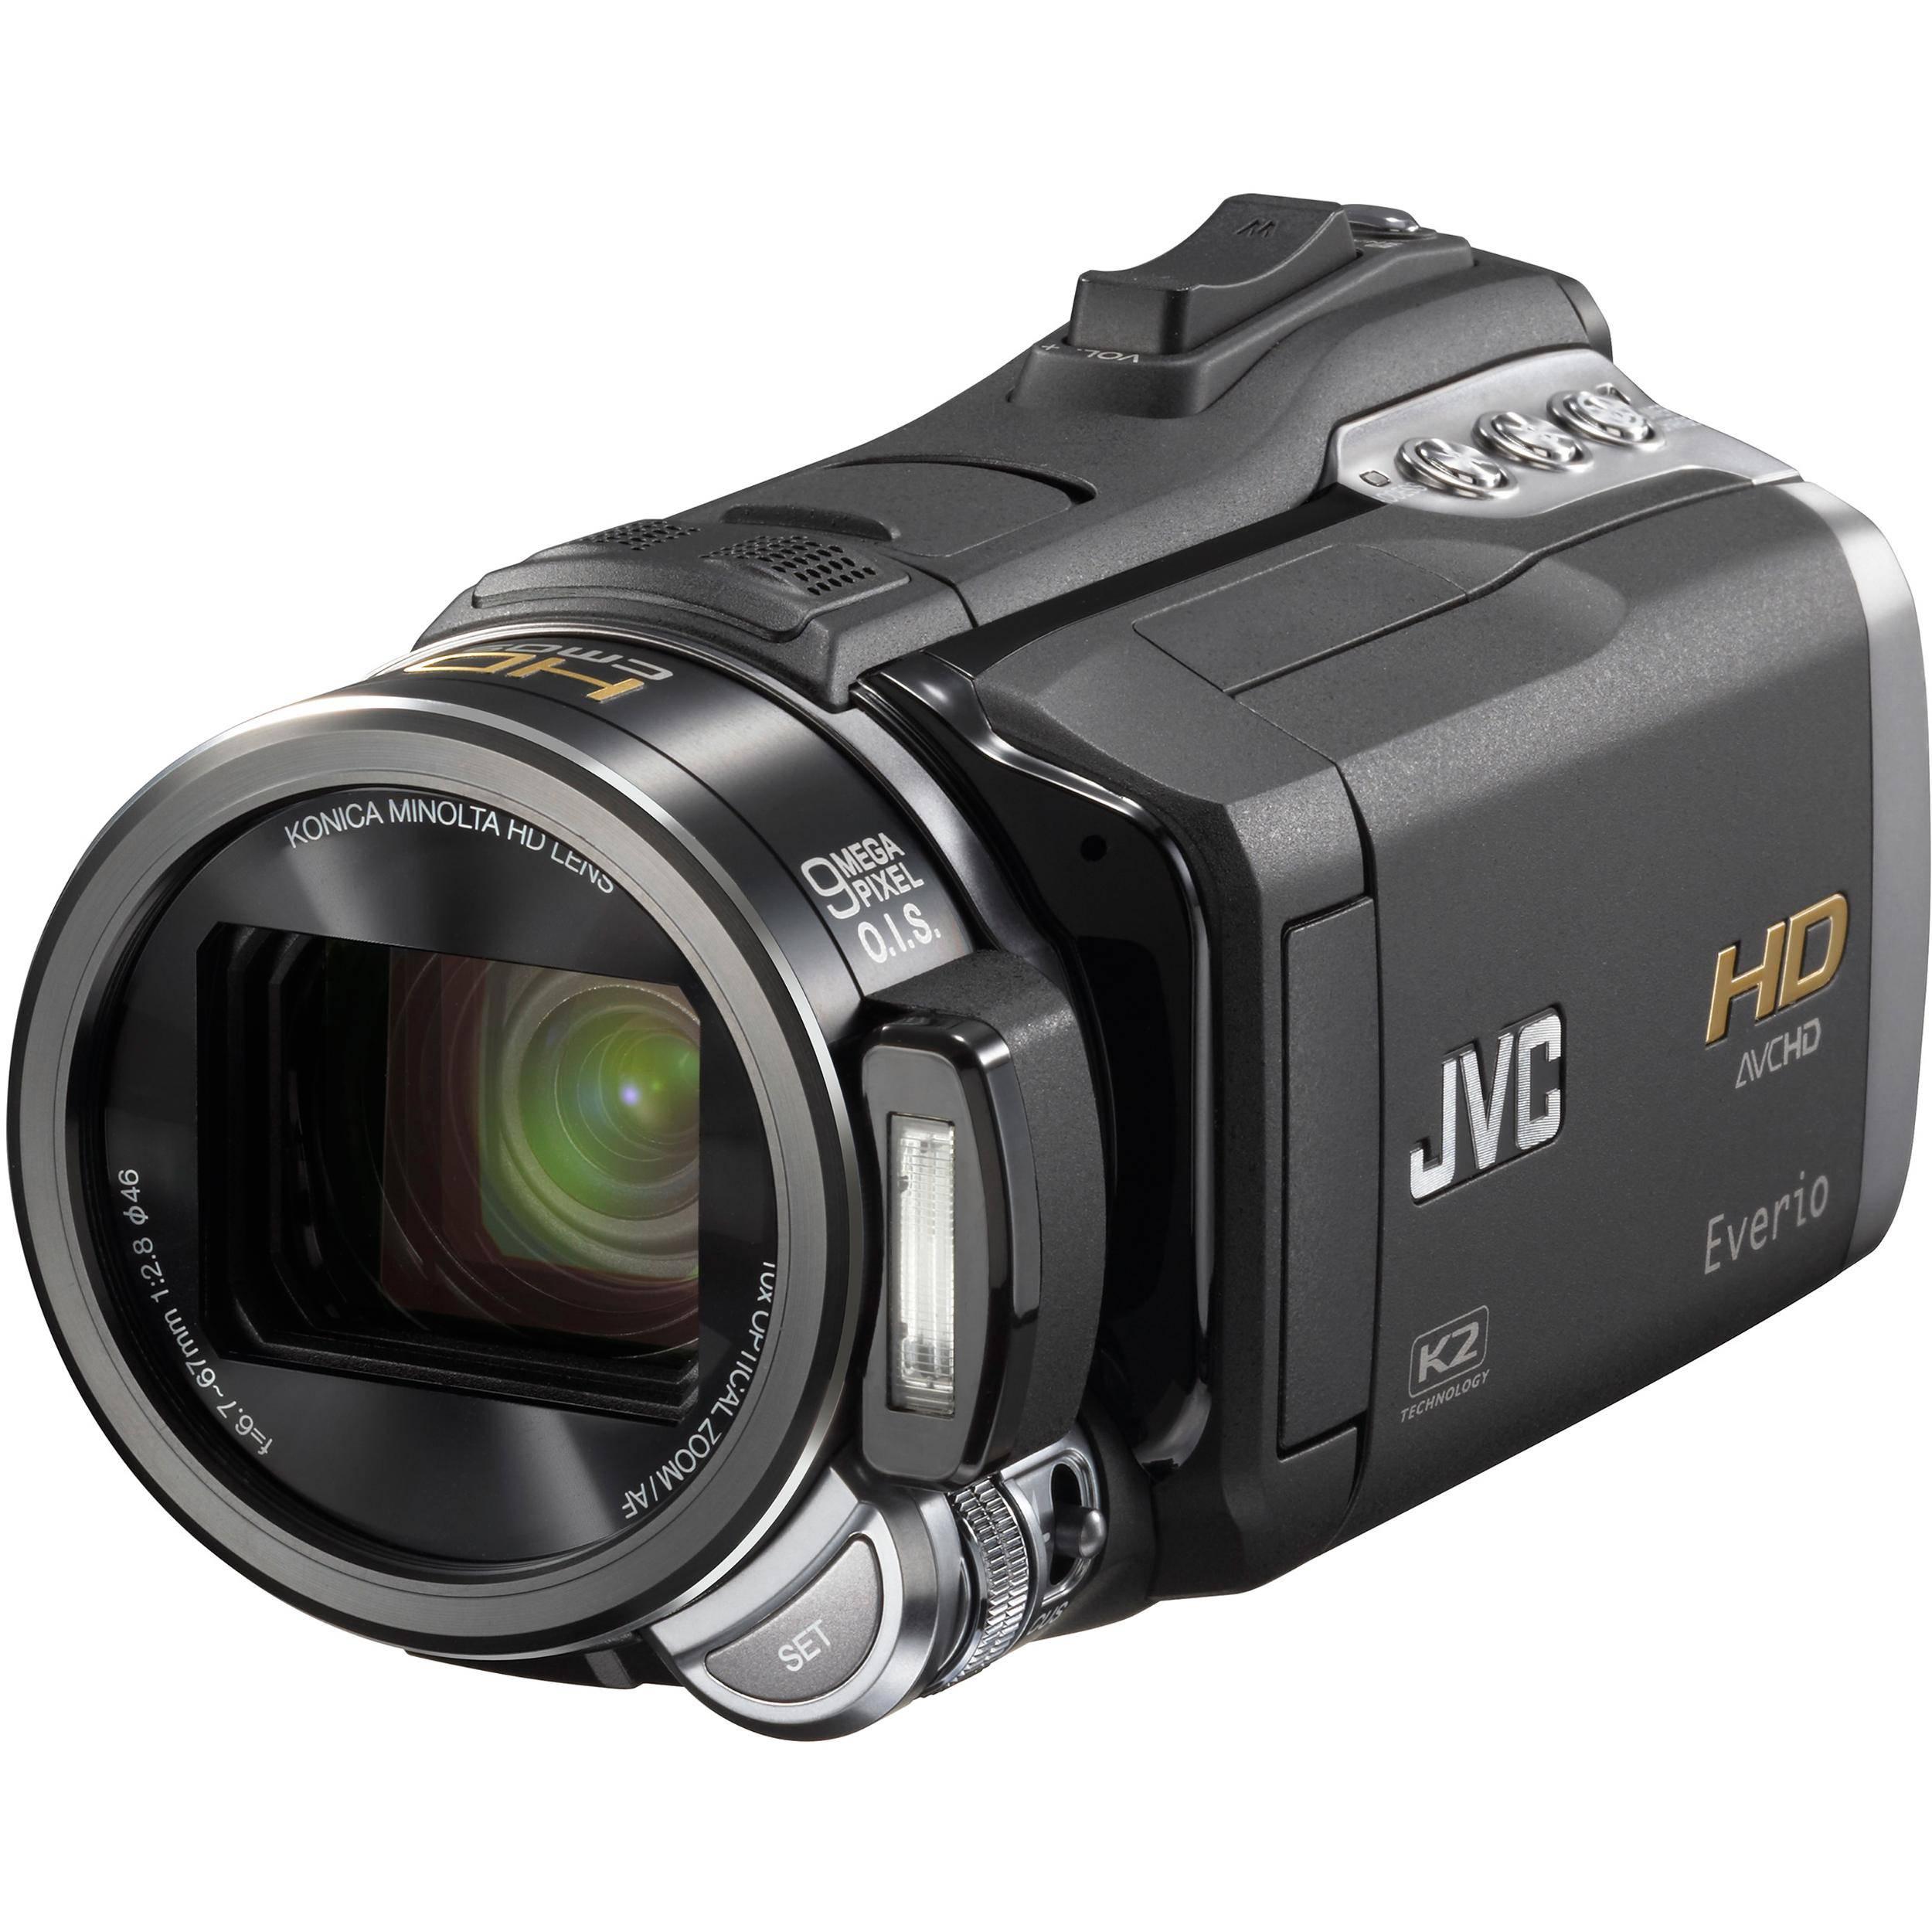 JVC GZ-HM400 HD Everio Memory Camera Camcorder